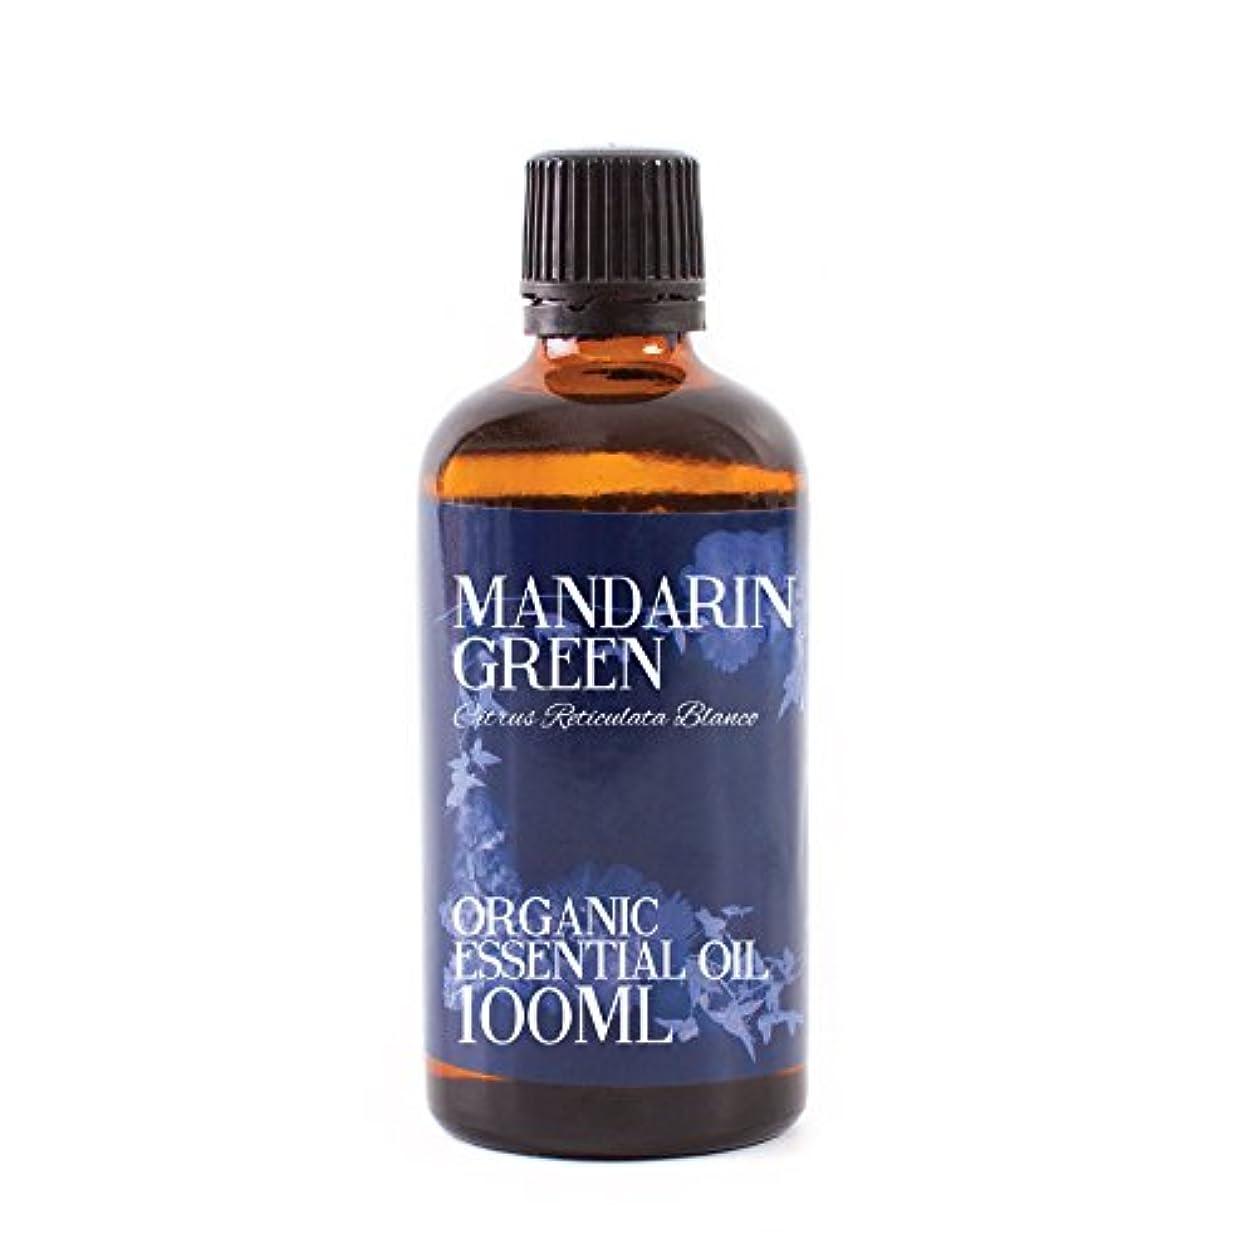 予防接種イブニングダーツMandarin Green Organic Essential Oil - 100ml - 100% Pure